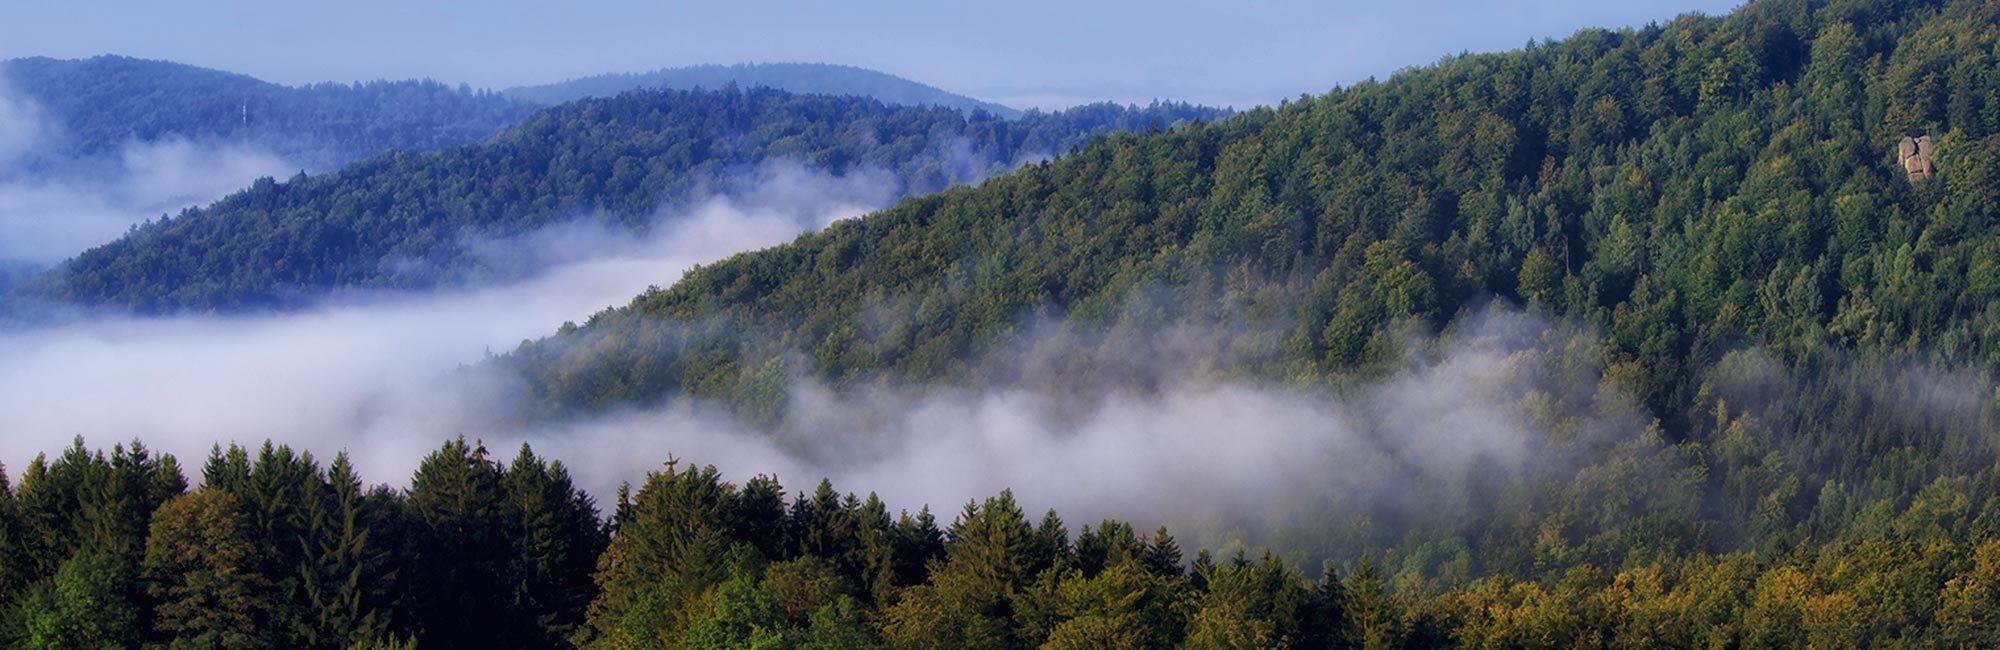 Bayerischer Wald im Nebel - Geistlicher Stein und Bach Sagwasser